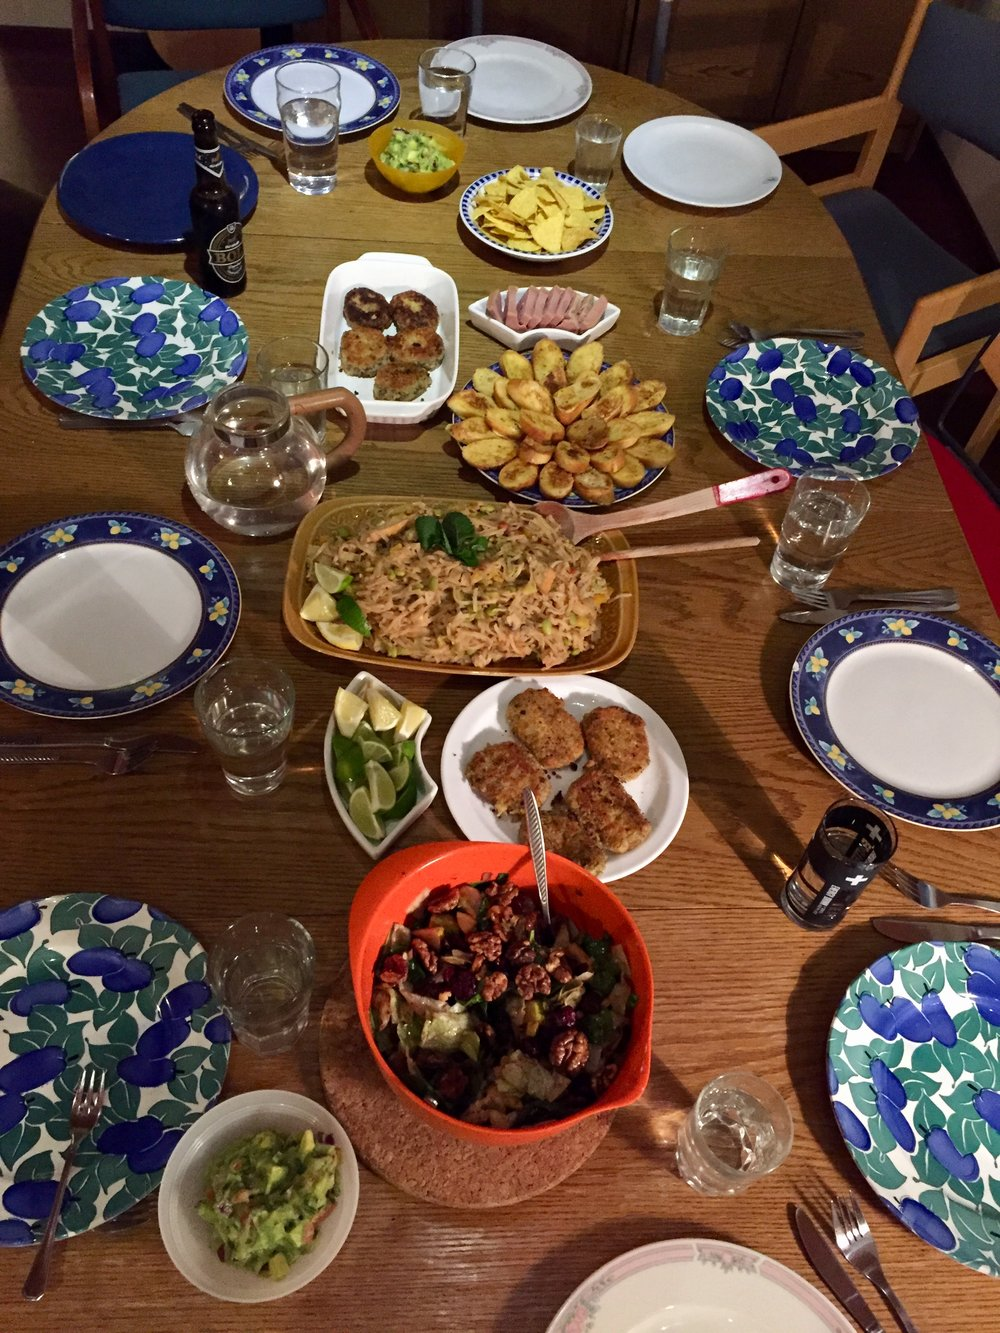 artists dinner 12.1.19i.jpg